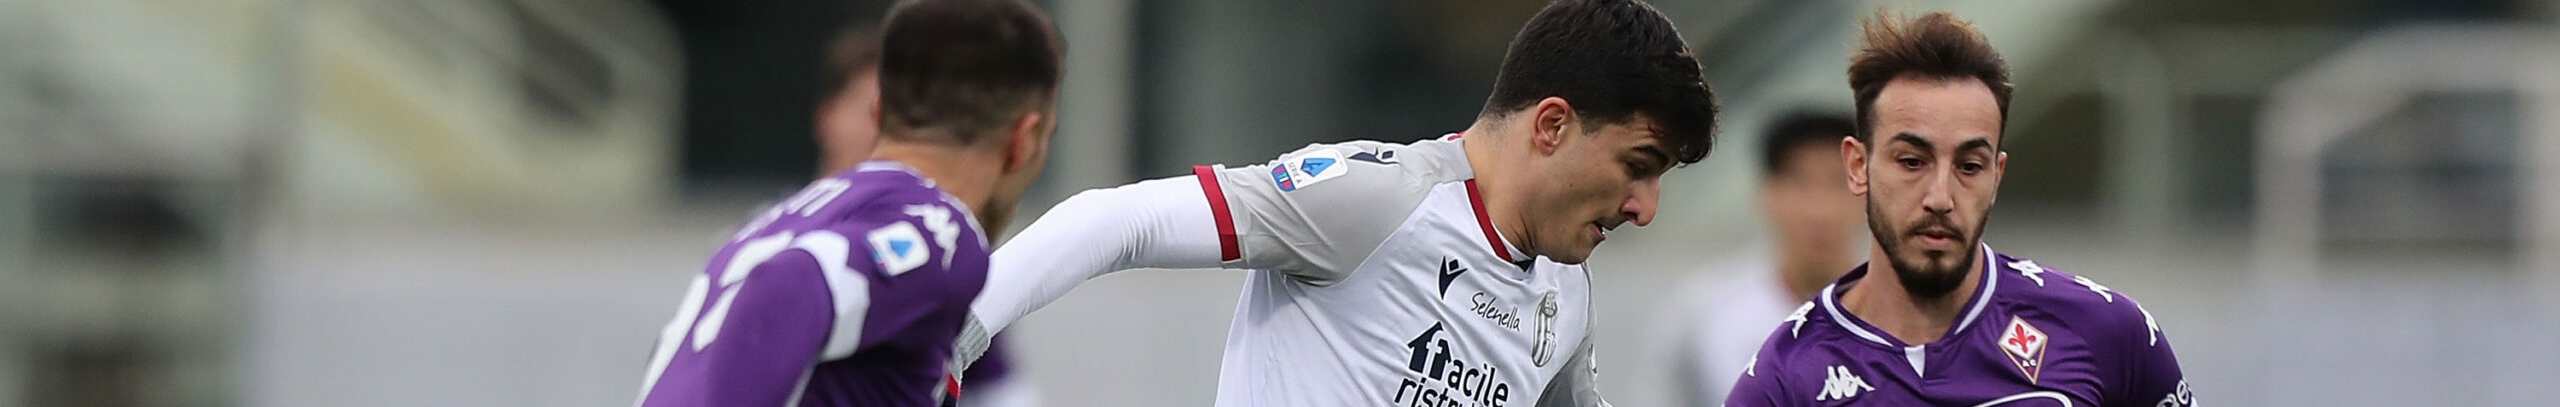 Bologna-Fiorentina, la Viola cerca la salvezza nel derby dell'Appennino